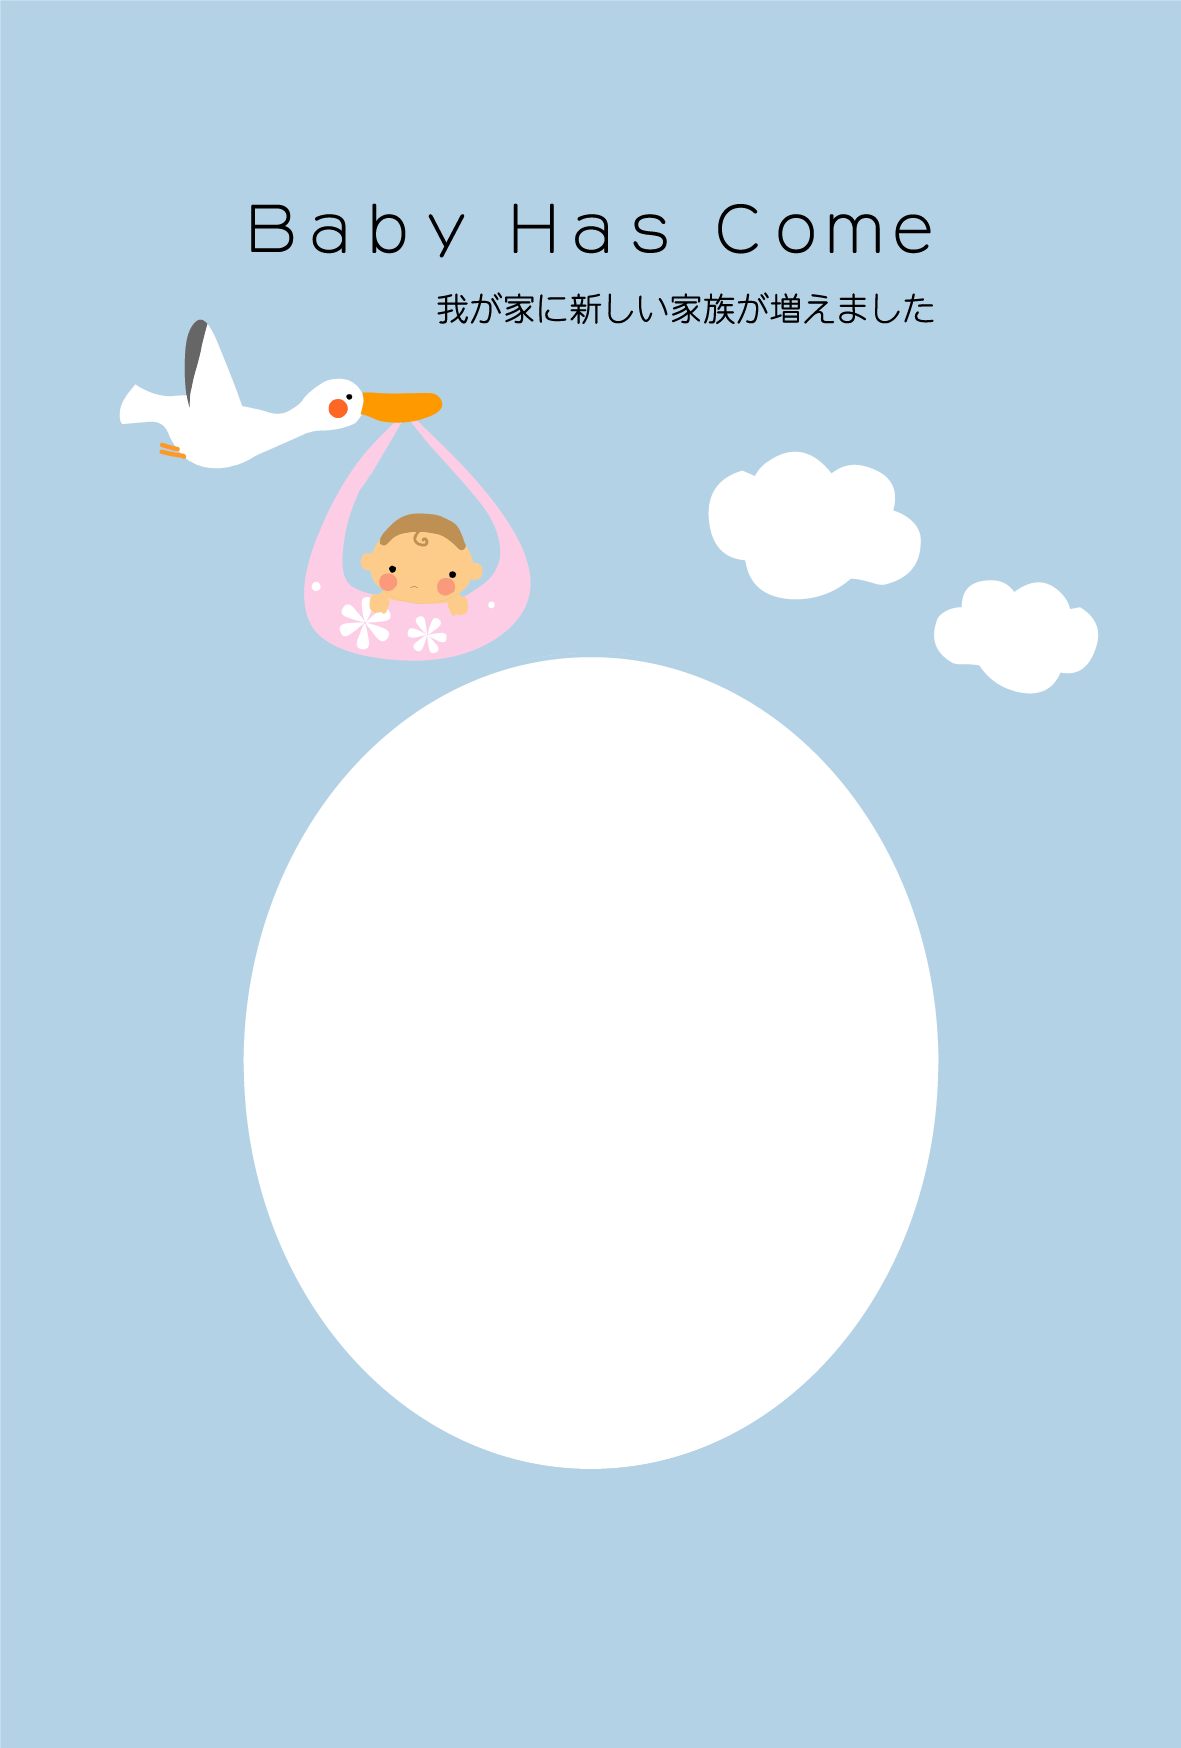 出産報告はがき(誕生報告)写真フレーム無料素材/こうのとり